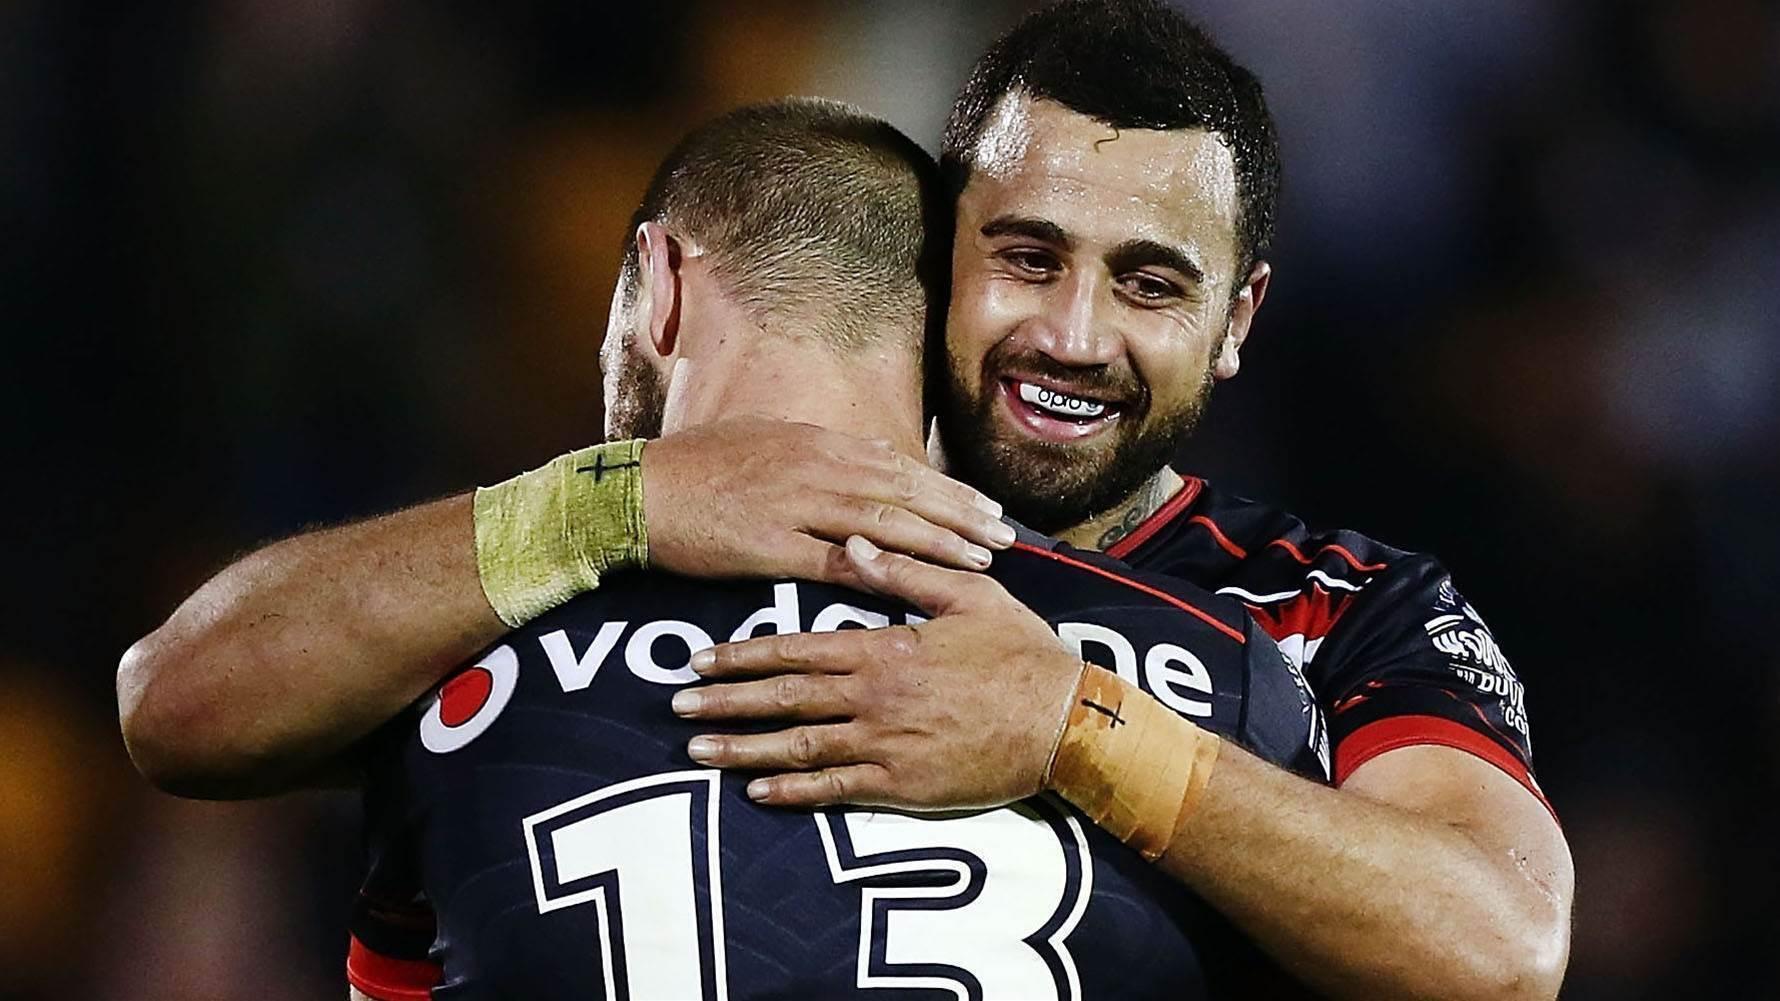 Tigers sign Kiwi international